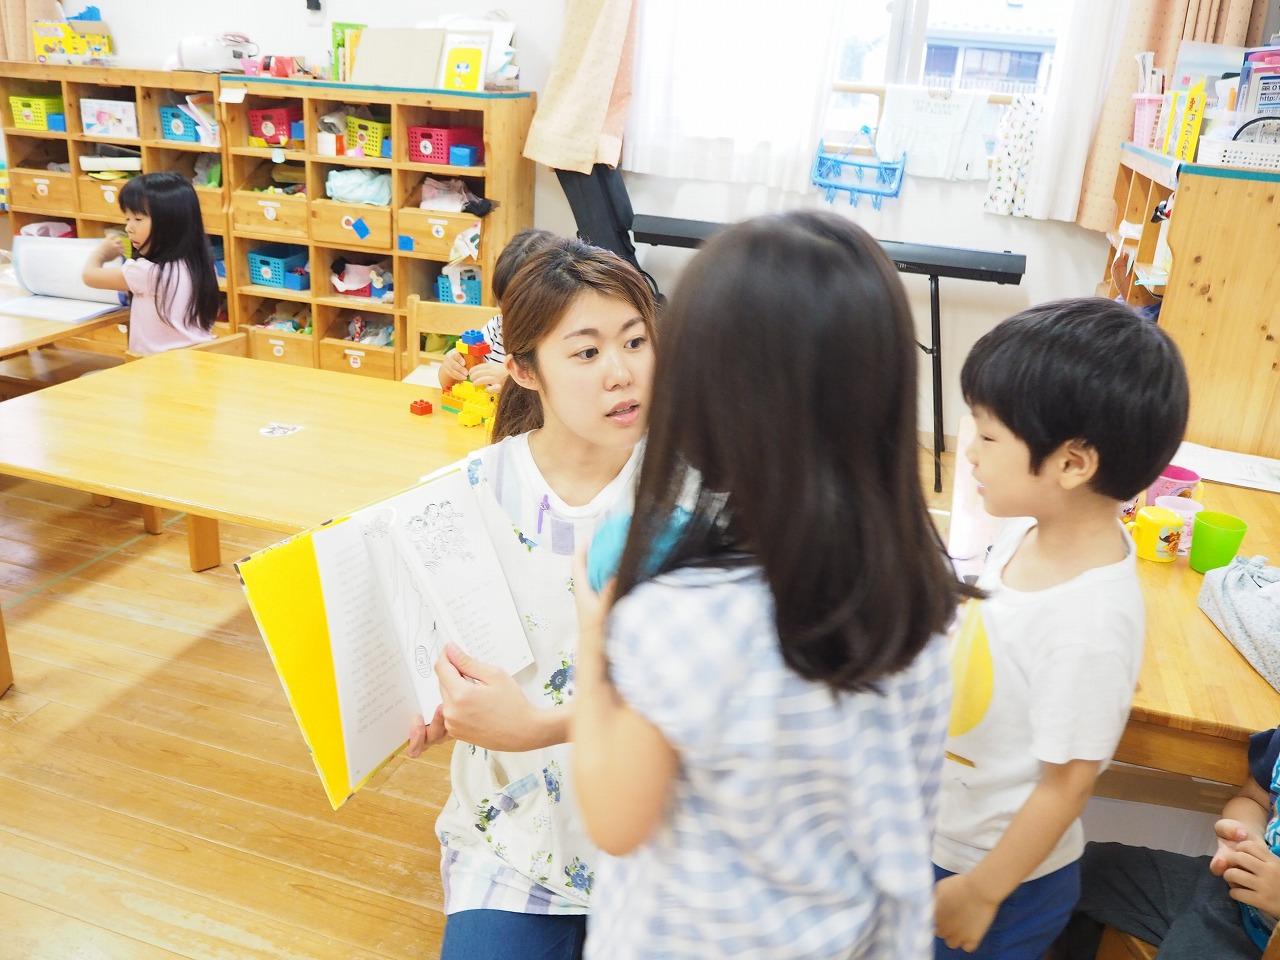 【派遣保育士】西横浜駅♪まずは短期お試しもOK!派遣の保育士さん募集☆